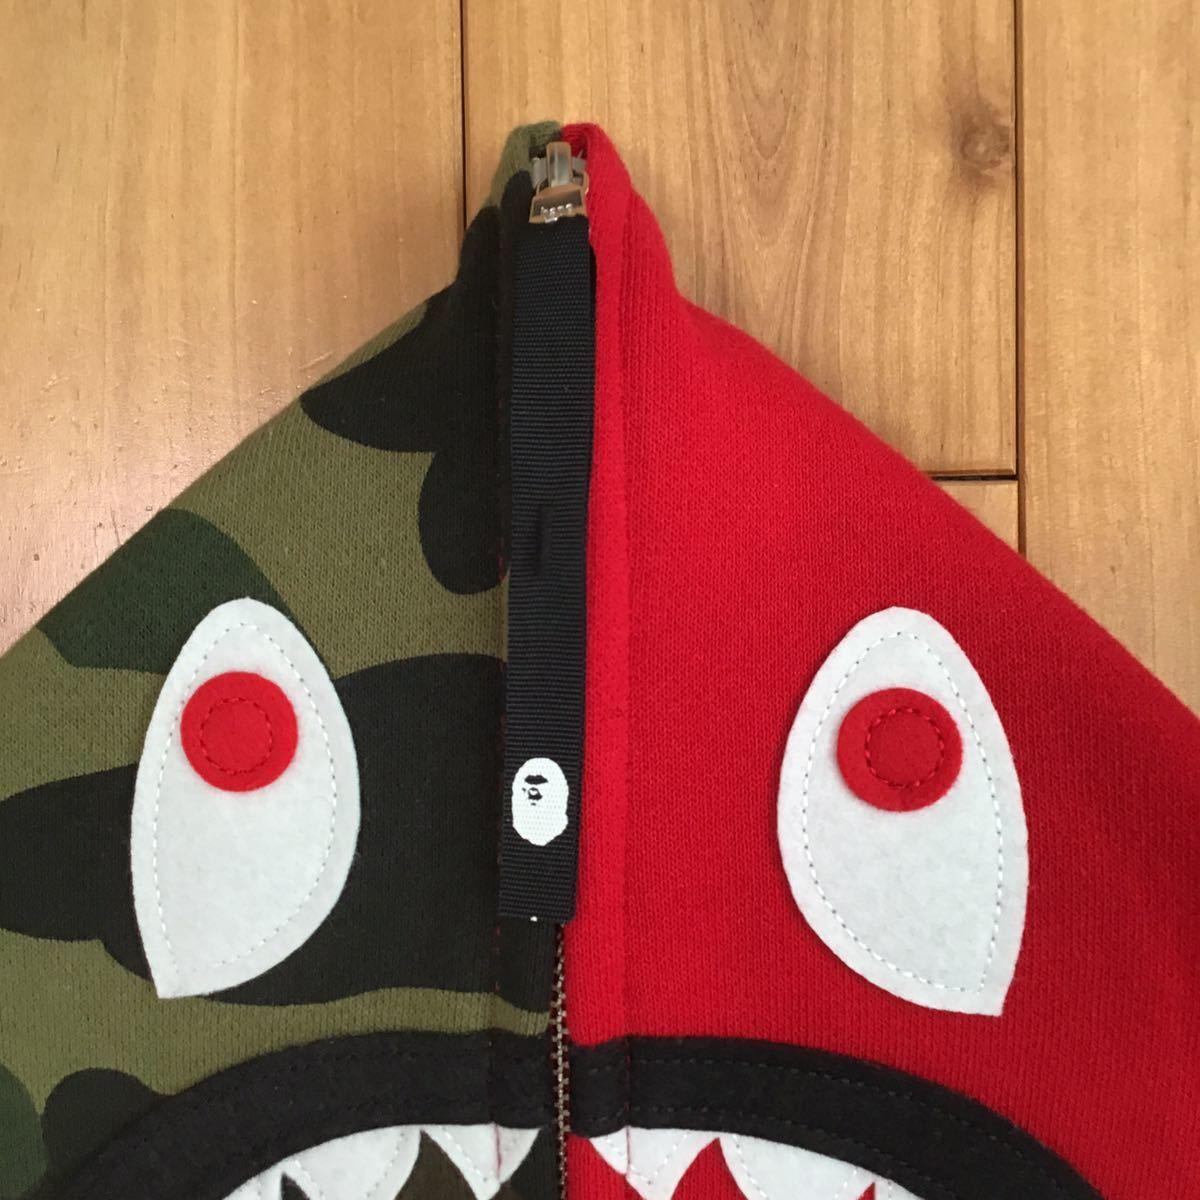 shark hoodie ネックウォーマー Red × 1st camo a bathing ape bape シャーク パーカー face mask フェイス マスク エイプ ベイプ 迷彩 c0